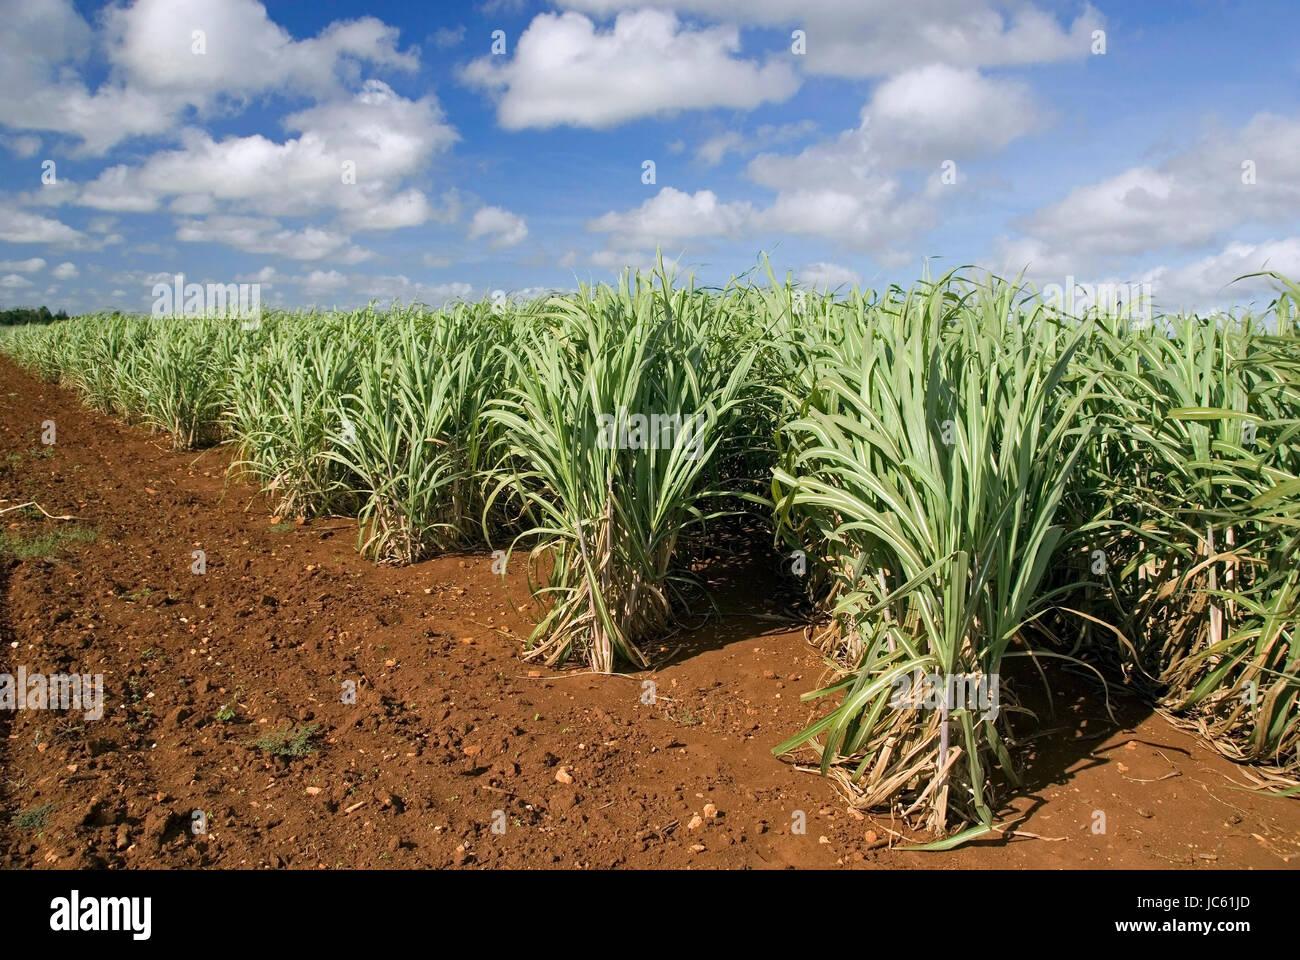 Kuba, Karibik, Zuckerrohr, Saccharum Officinarum, Kuba, Karibik, Zuckerrohr Stockbild